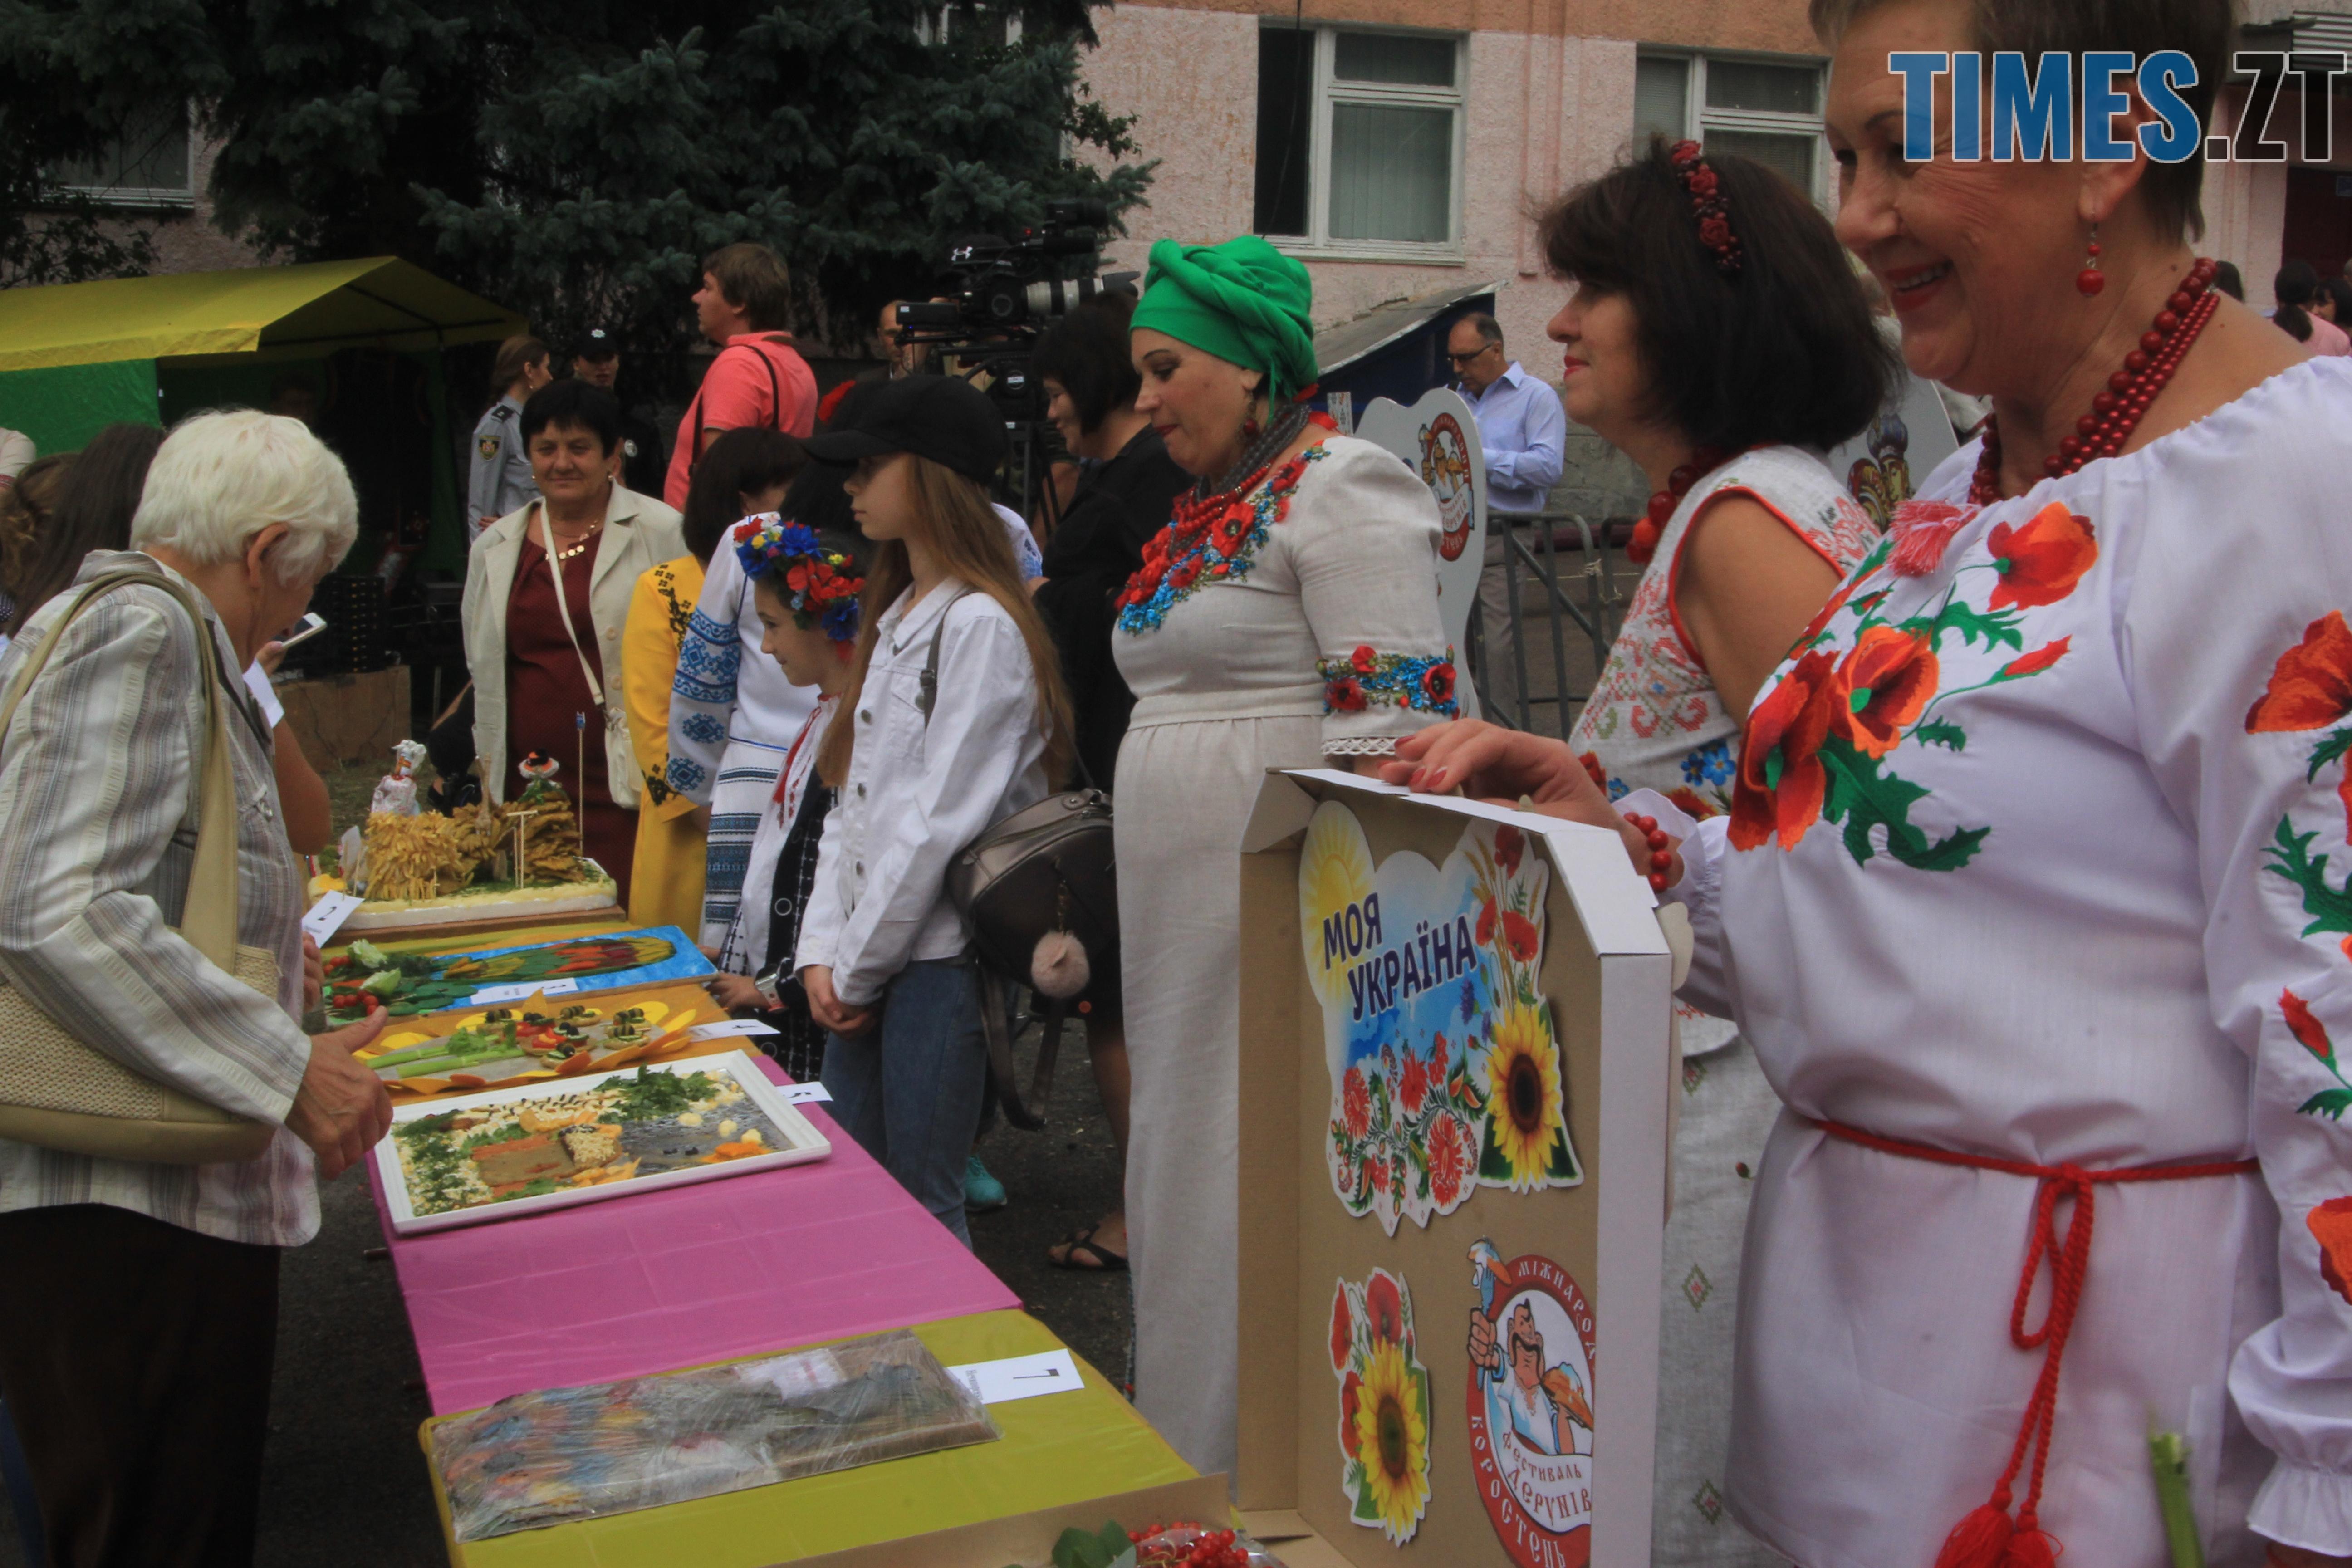 IMG 7570 - Десятий фестиваль дерунів: насмажили чимало, показали найбільшого в країні і побили ним всі рекорди (ФОТОРЕПОРТАЖ)